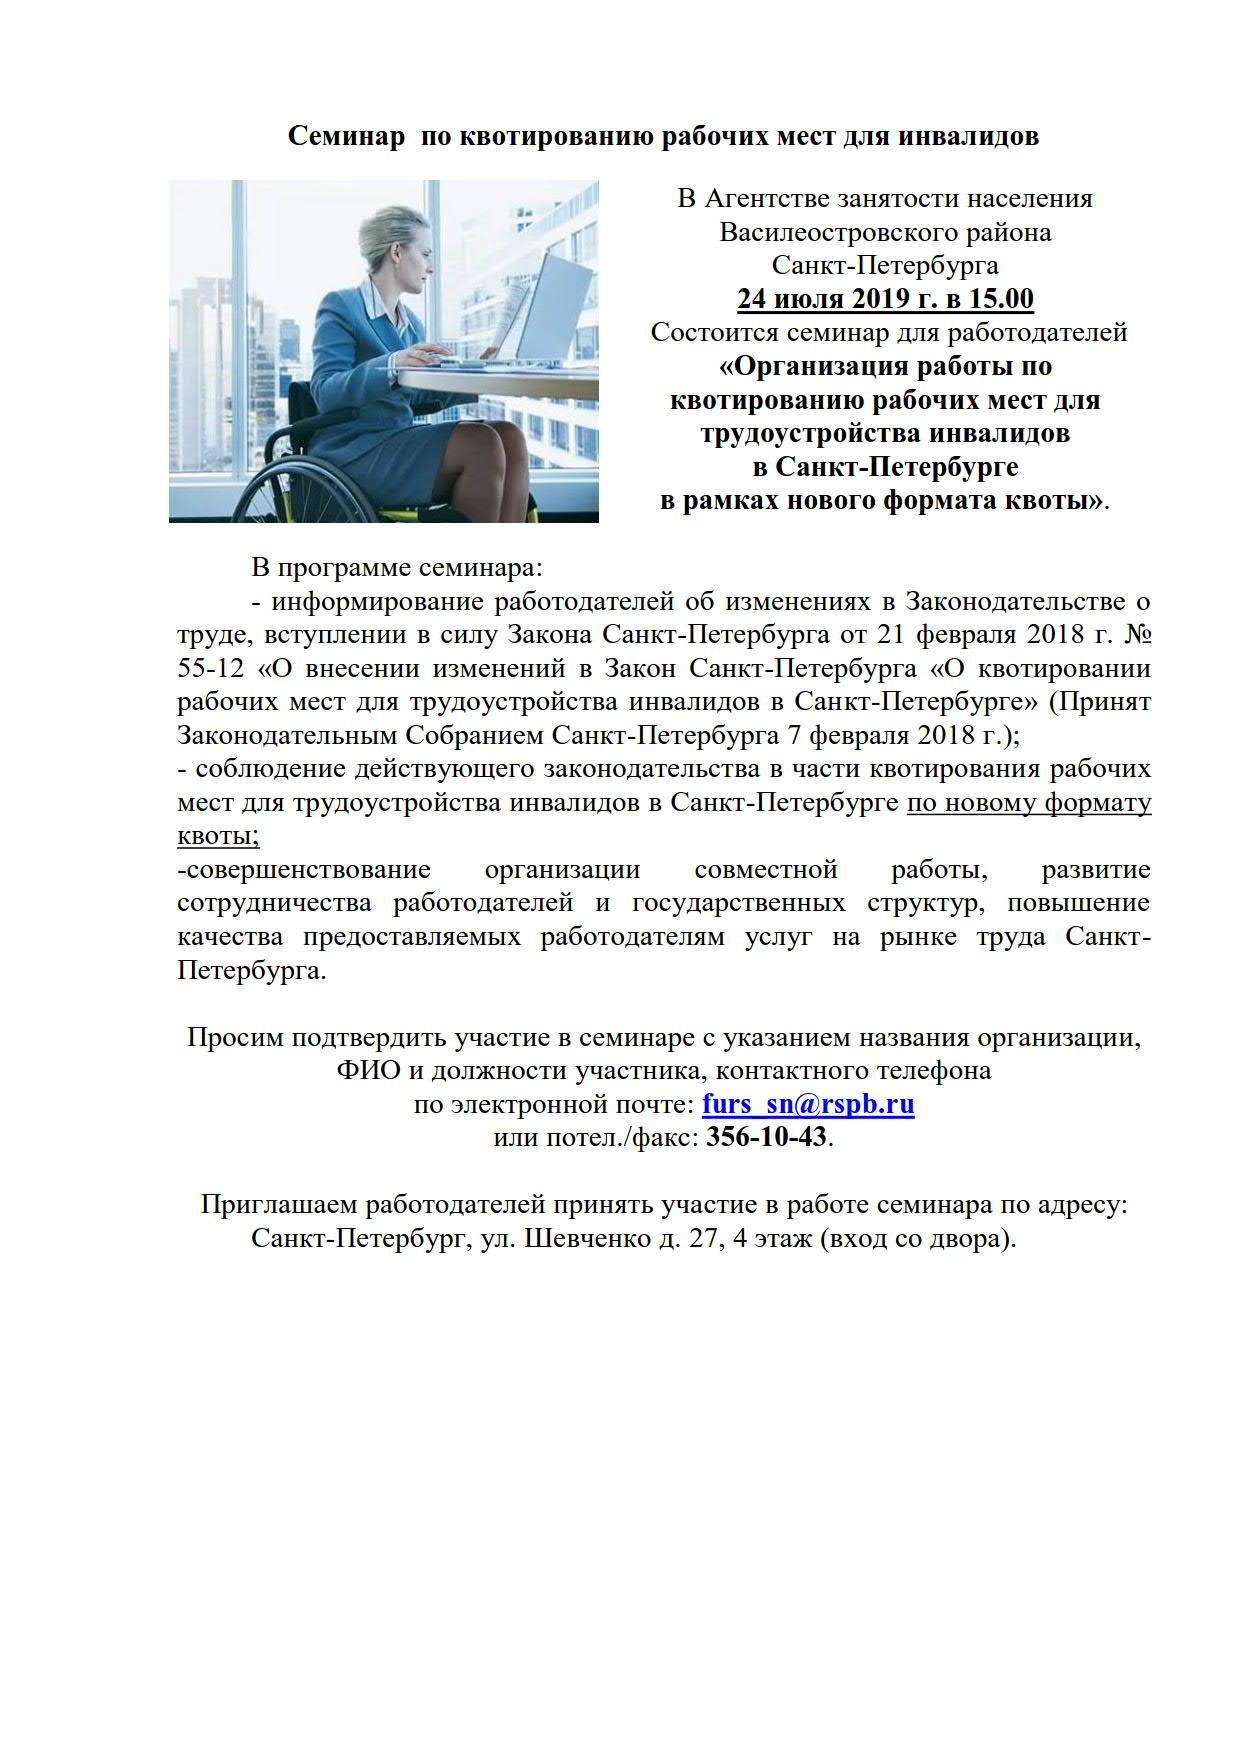 24.07.2019 Семинар Новый формат квоты-июль2019_1